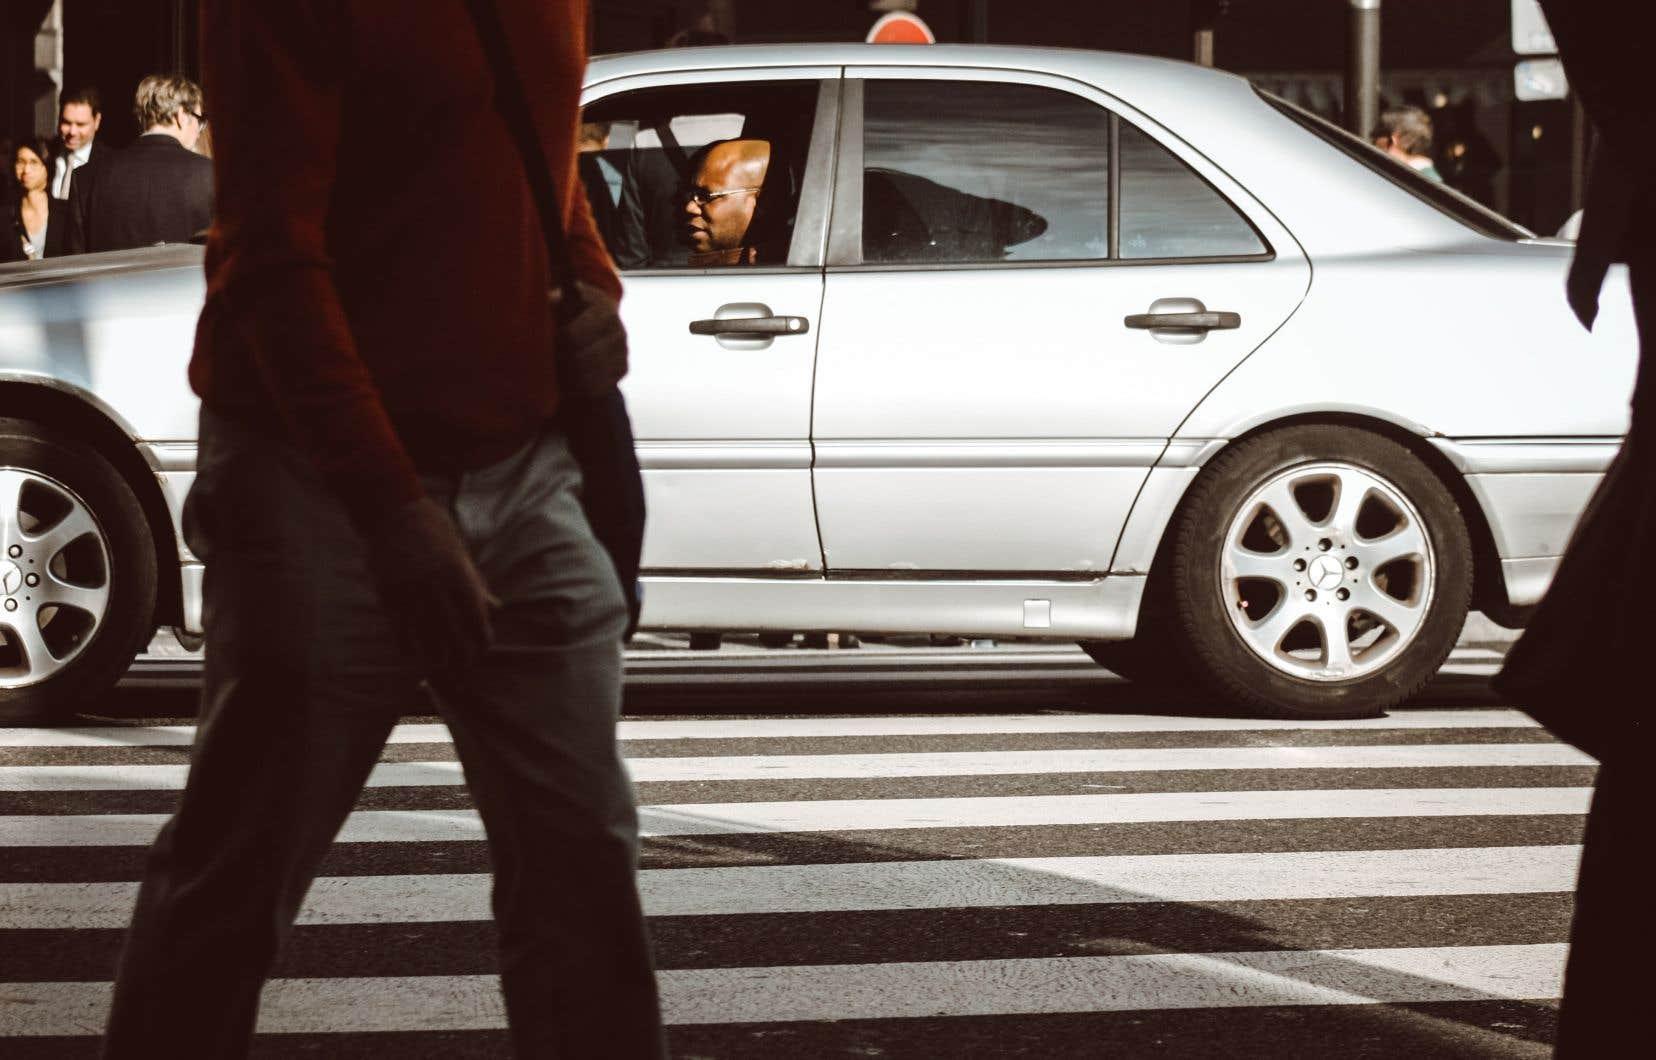 Les piétons courent 284 fois plus de risques de périr ou de subir des blessures dans une collision avec un véhicule que les conducteurs ou les passagers, selon l'organisme Parachute.